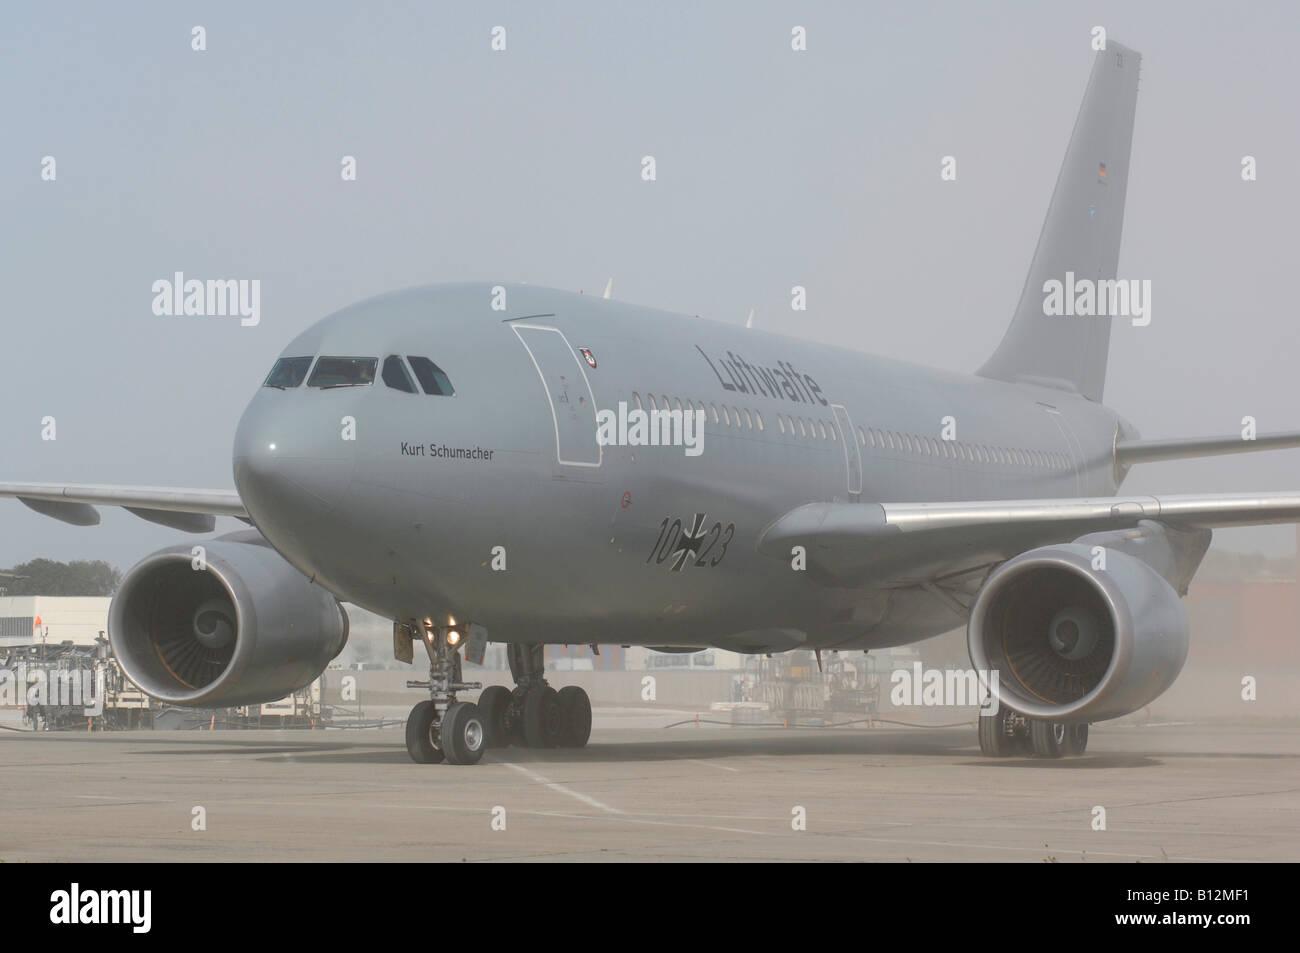 A310 kurt schumacher